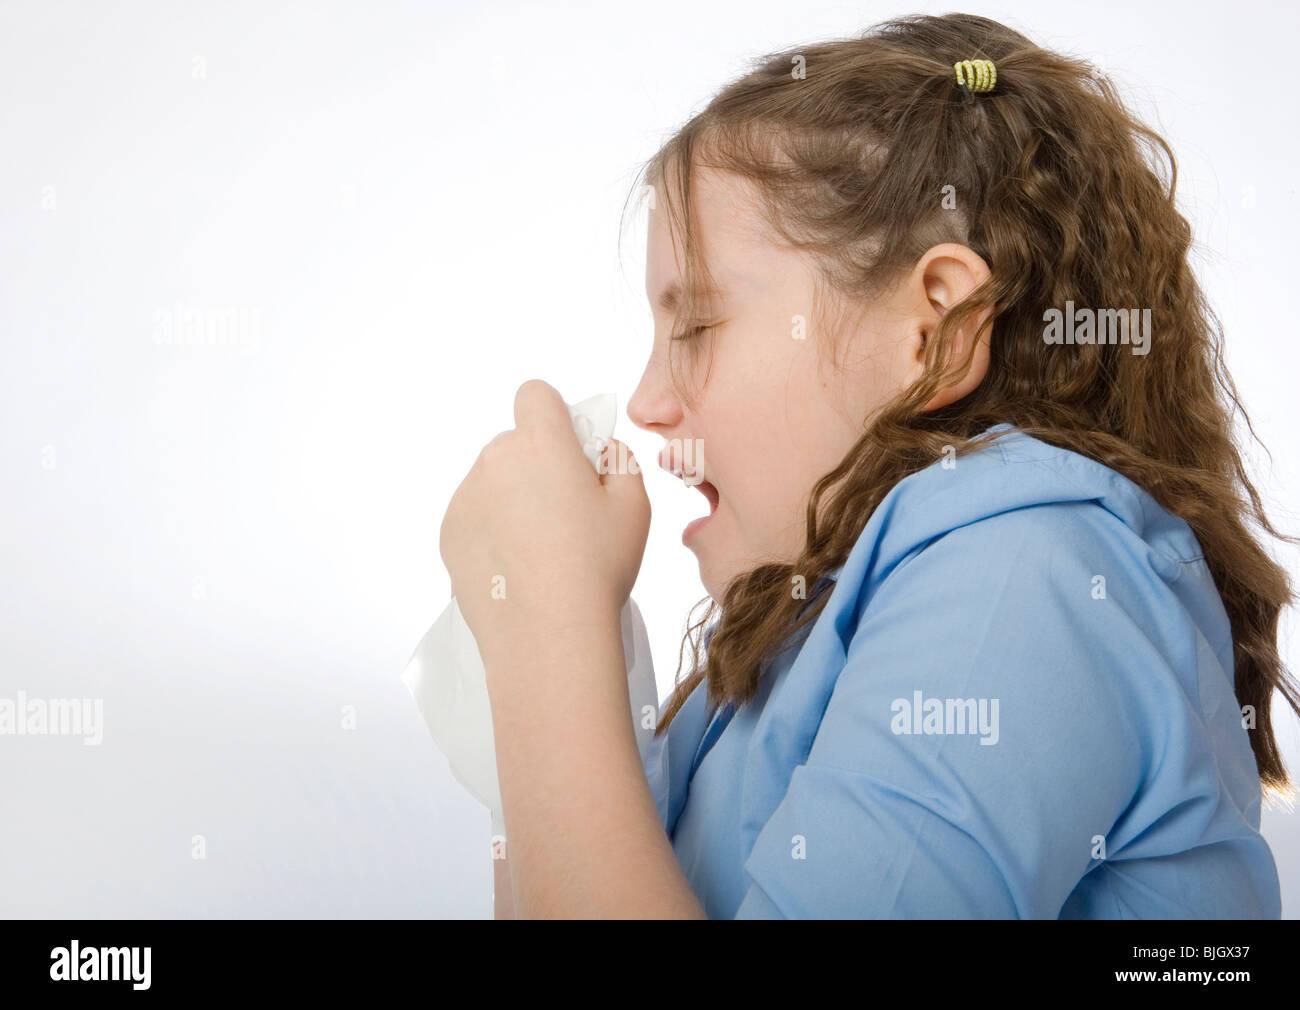 Junge Schulmädchen zu niesen. Stockbild